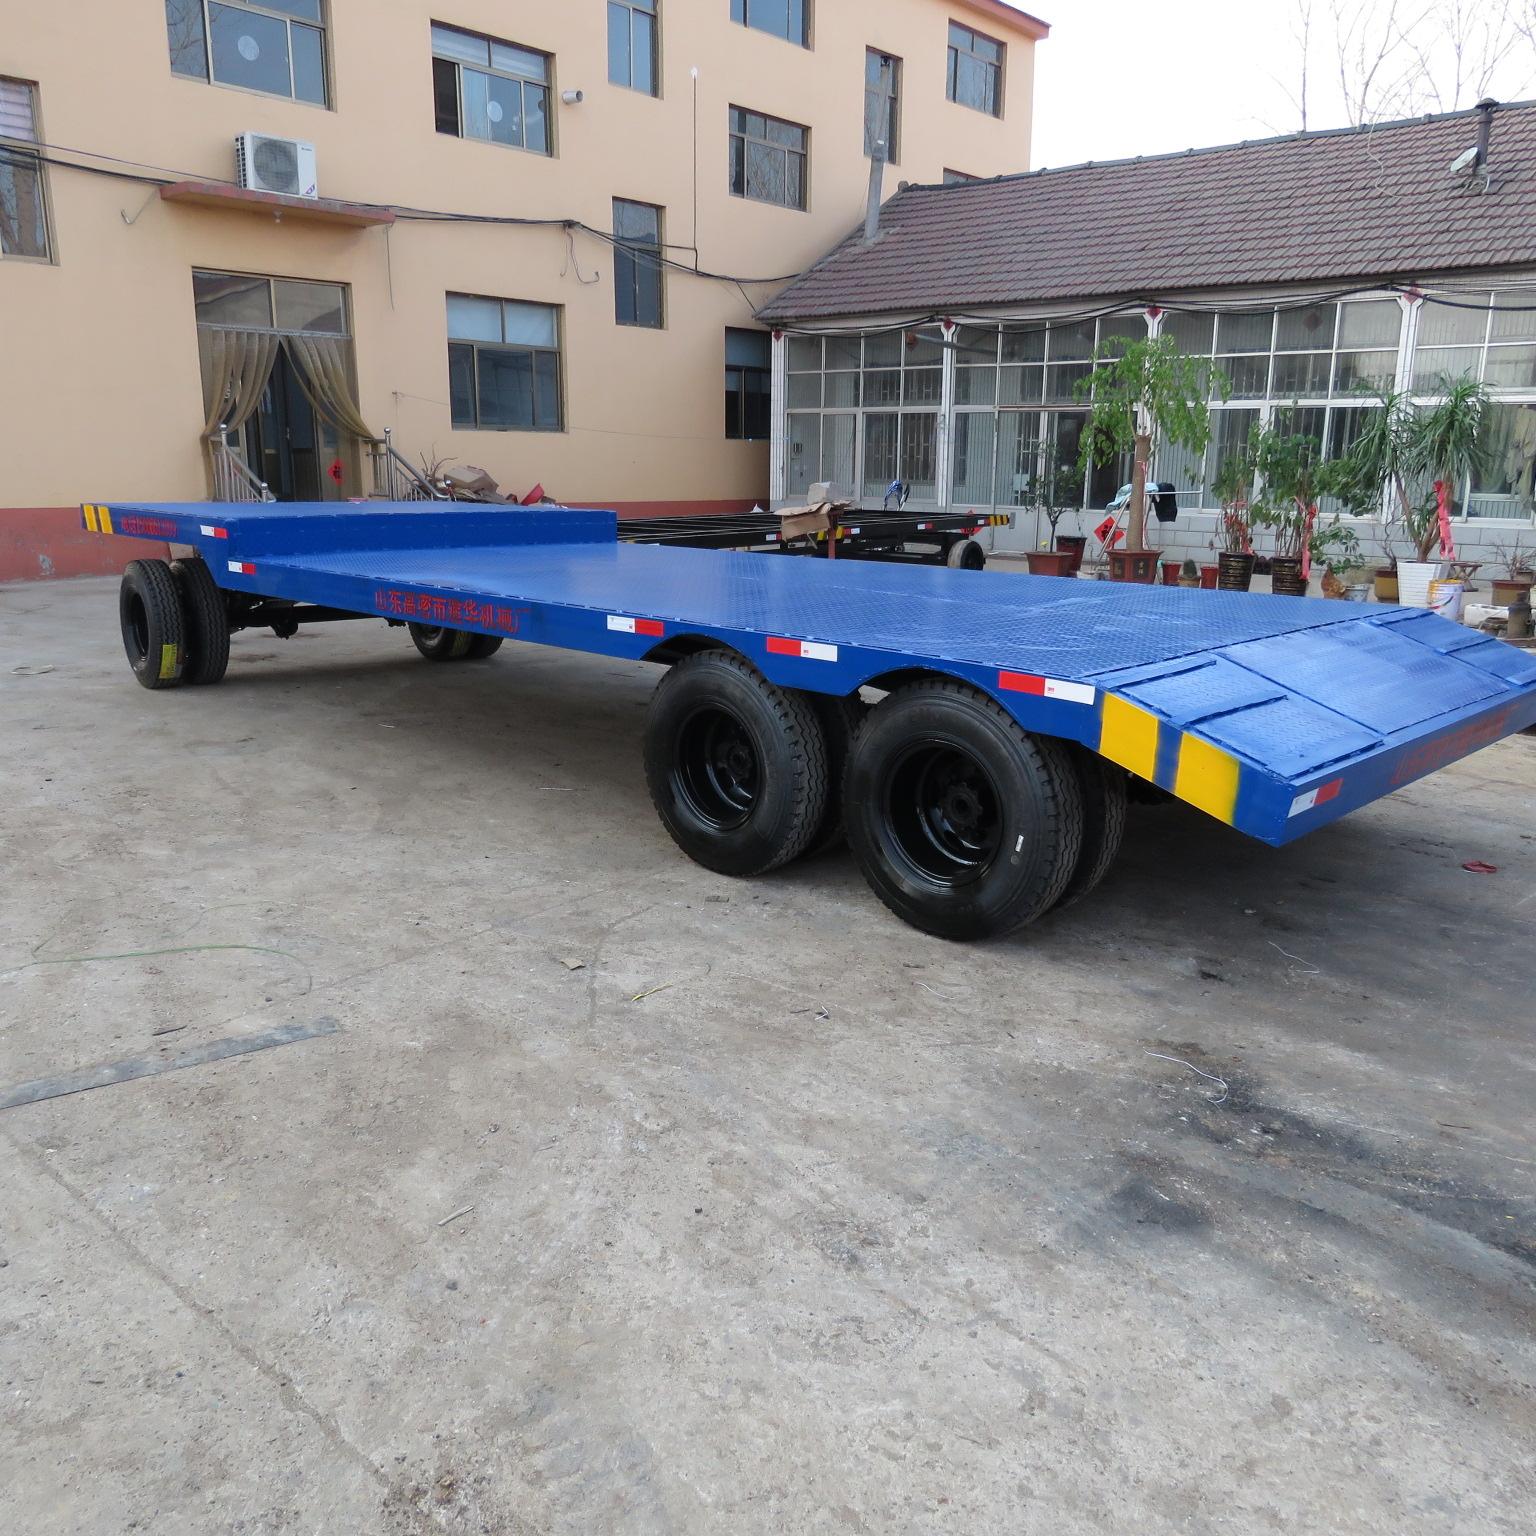 厂家直销挖掘机拖车、非标定制挖沟机拖车,价格优惠